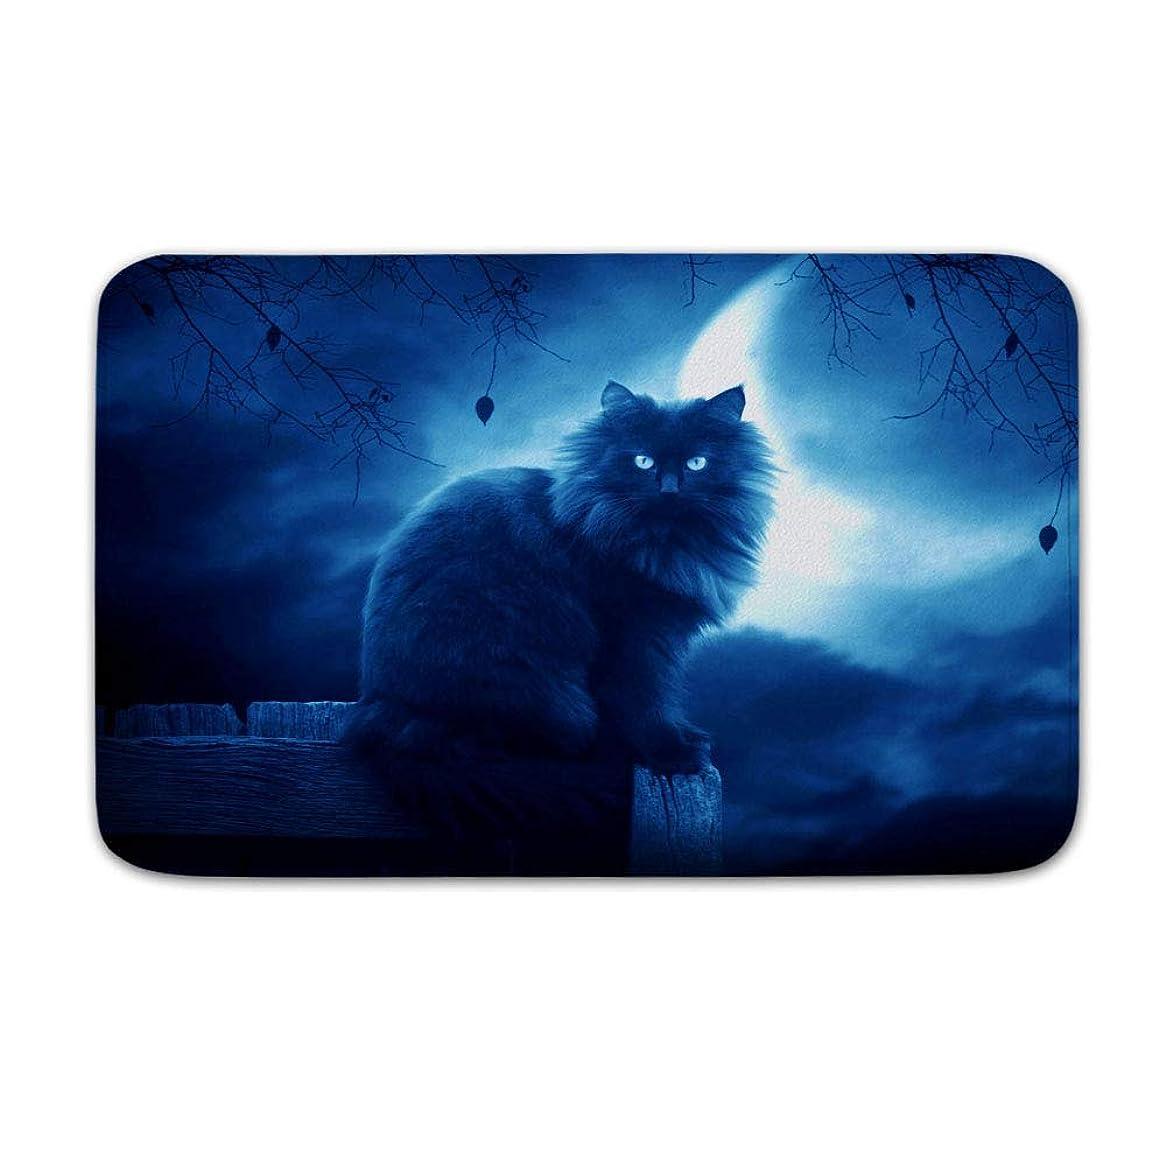 通知現象保持TANGANGELファンタジー猫ブラックムーンシルエットサンゴフリース風呂マットエリア敷物ドアマット入り口敷物フロアマットフロント外側ドアエントリーカーペット50×80センチ